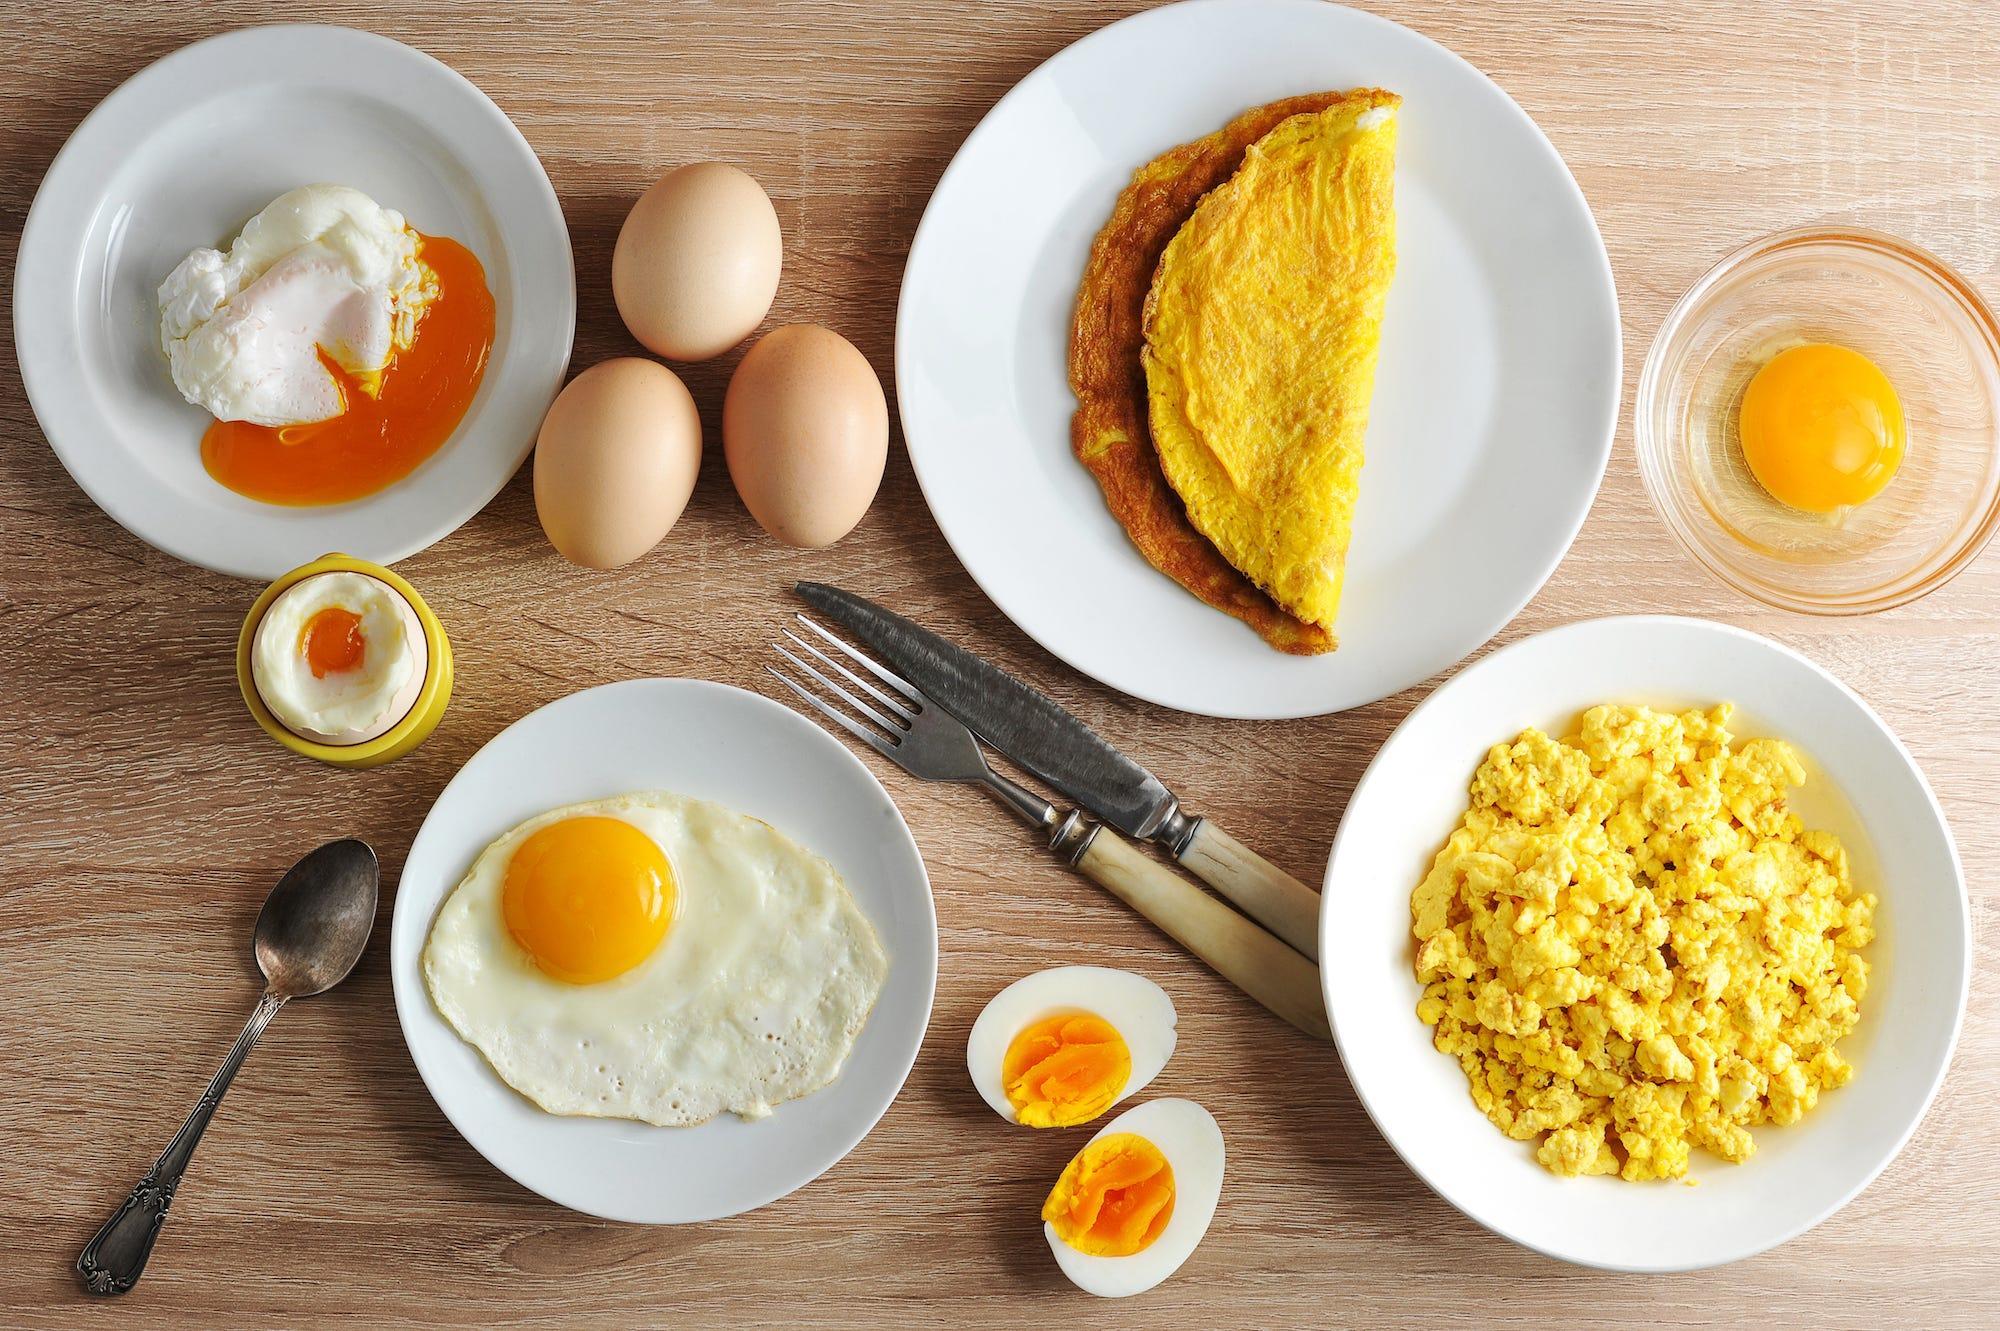 2 bà cháu ngộ độc nặng sau bữa tối, nguyên nhân đến từ một sai lầm khi ăn trứng gà mọi gia đình đều từng mắc phải - Ảnh 5.